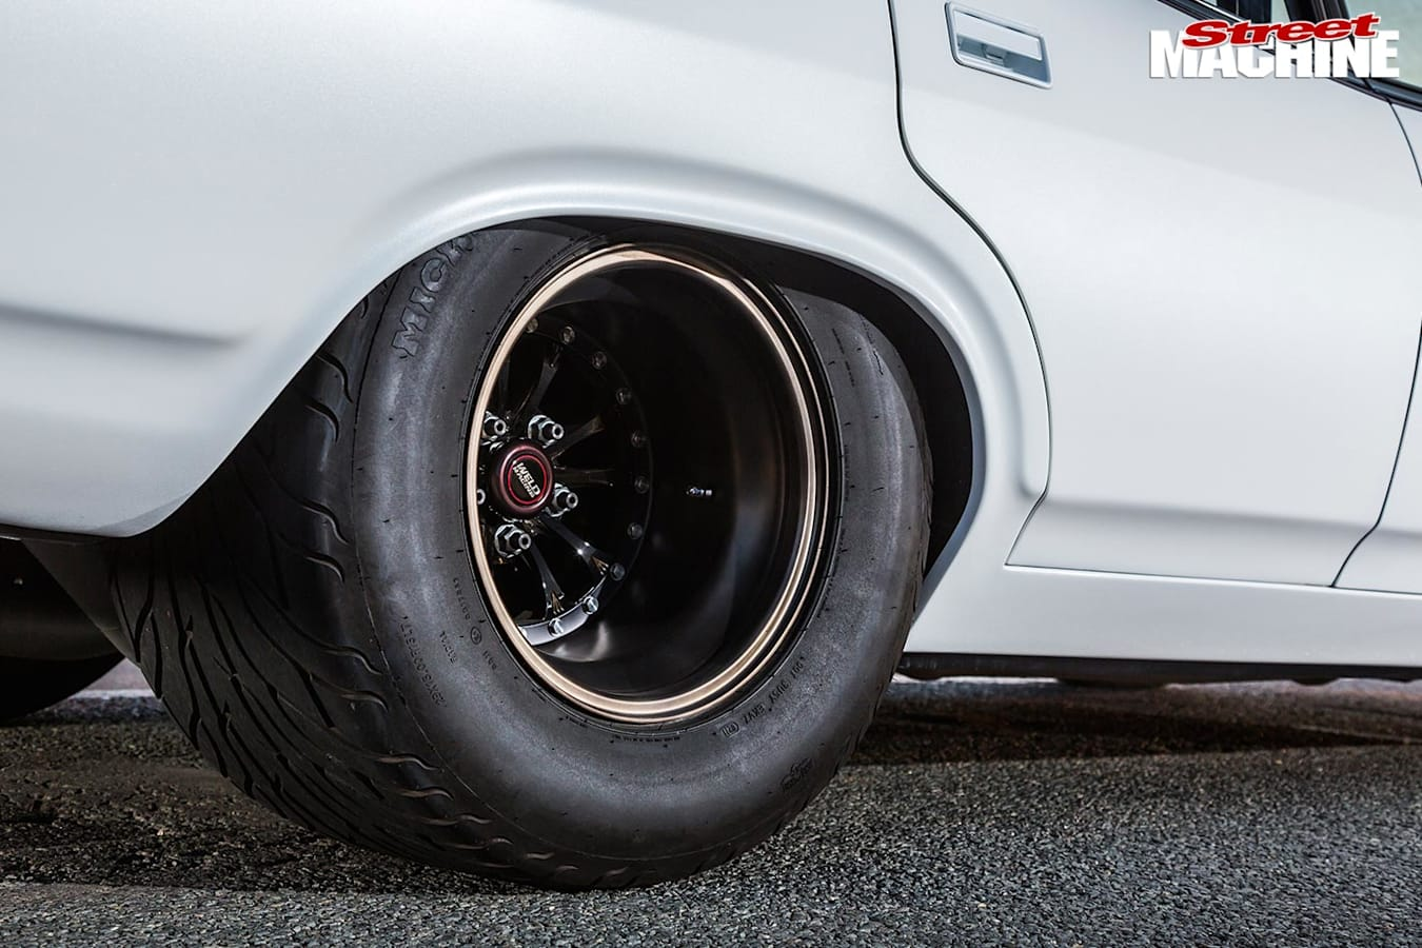 Ford Falcon XB wheels